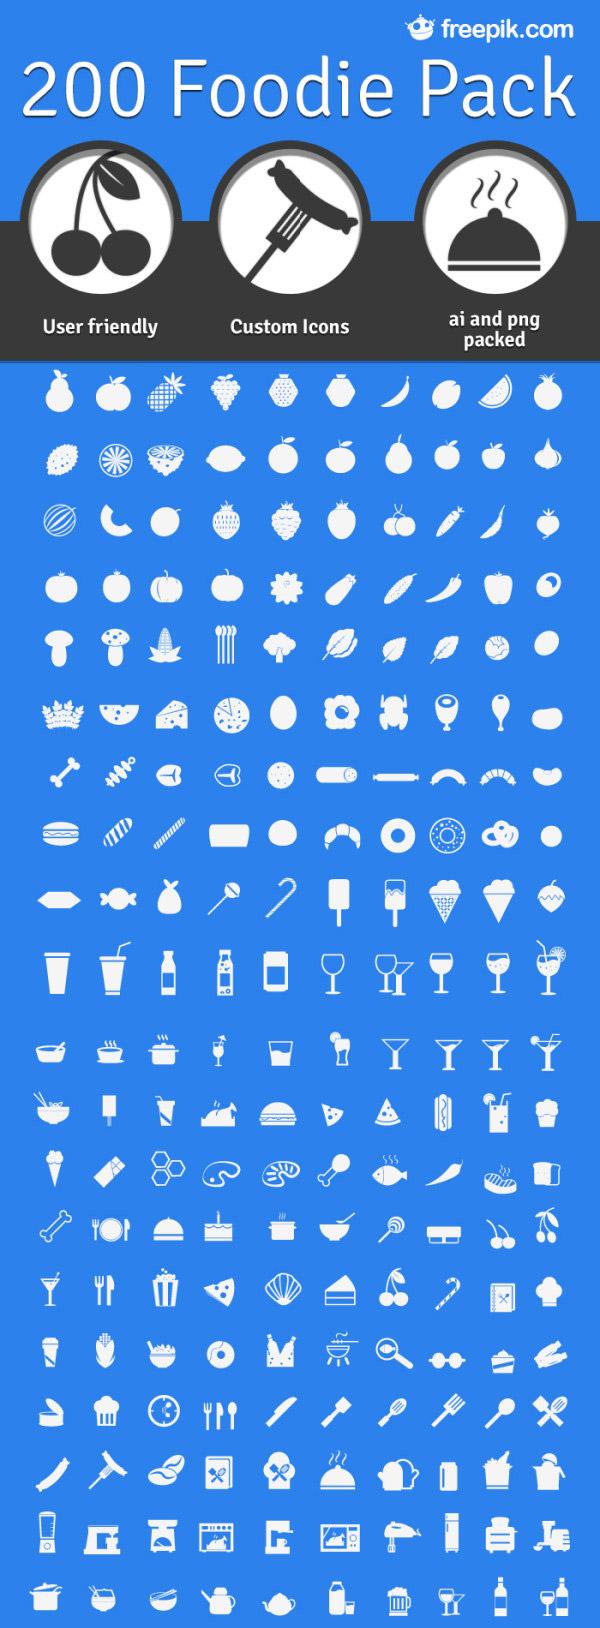 0 点 关键词: 美食图标,图标,美食,食品,餐饮,水果,面包,icon,鱼肉图片